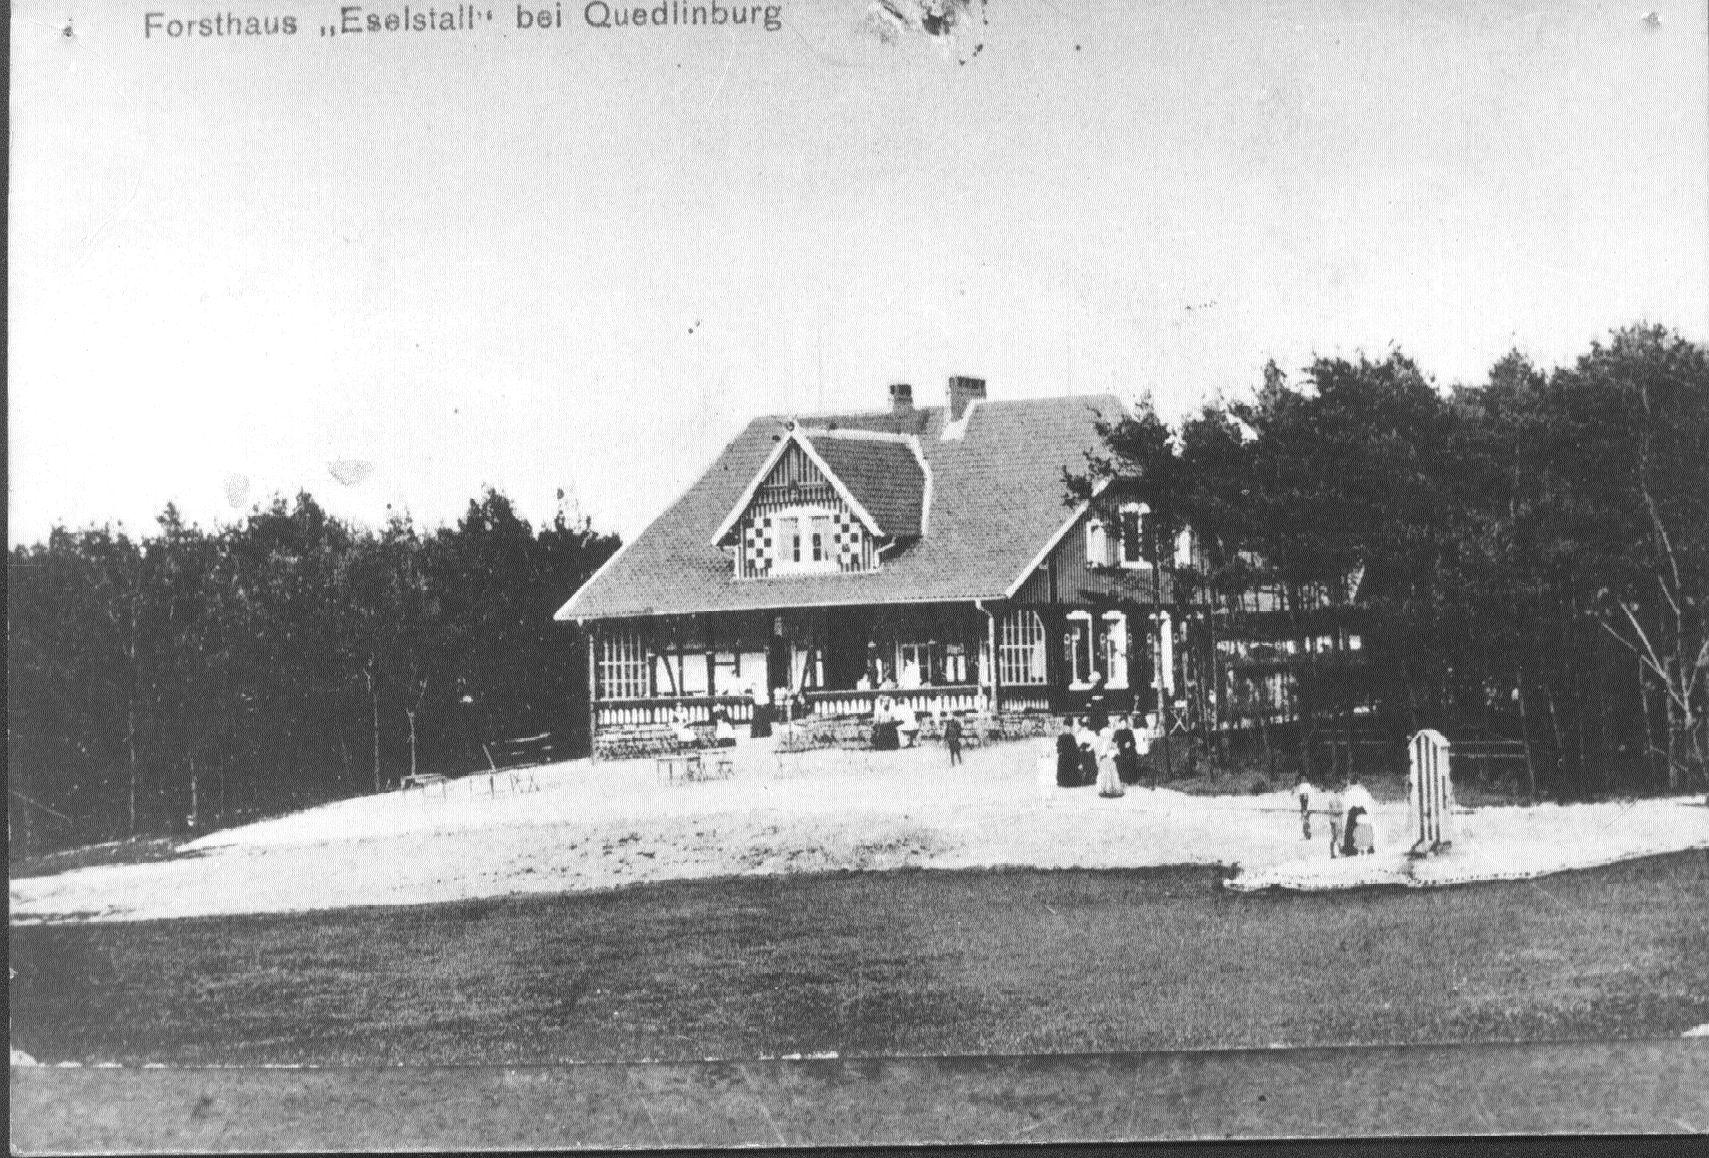 Das alte Forsthaus Eselstall